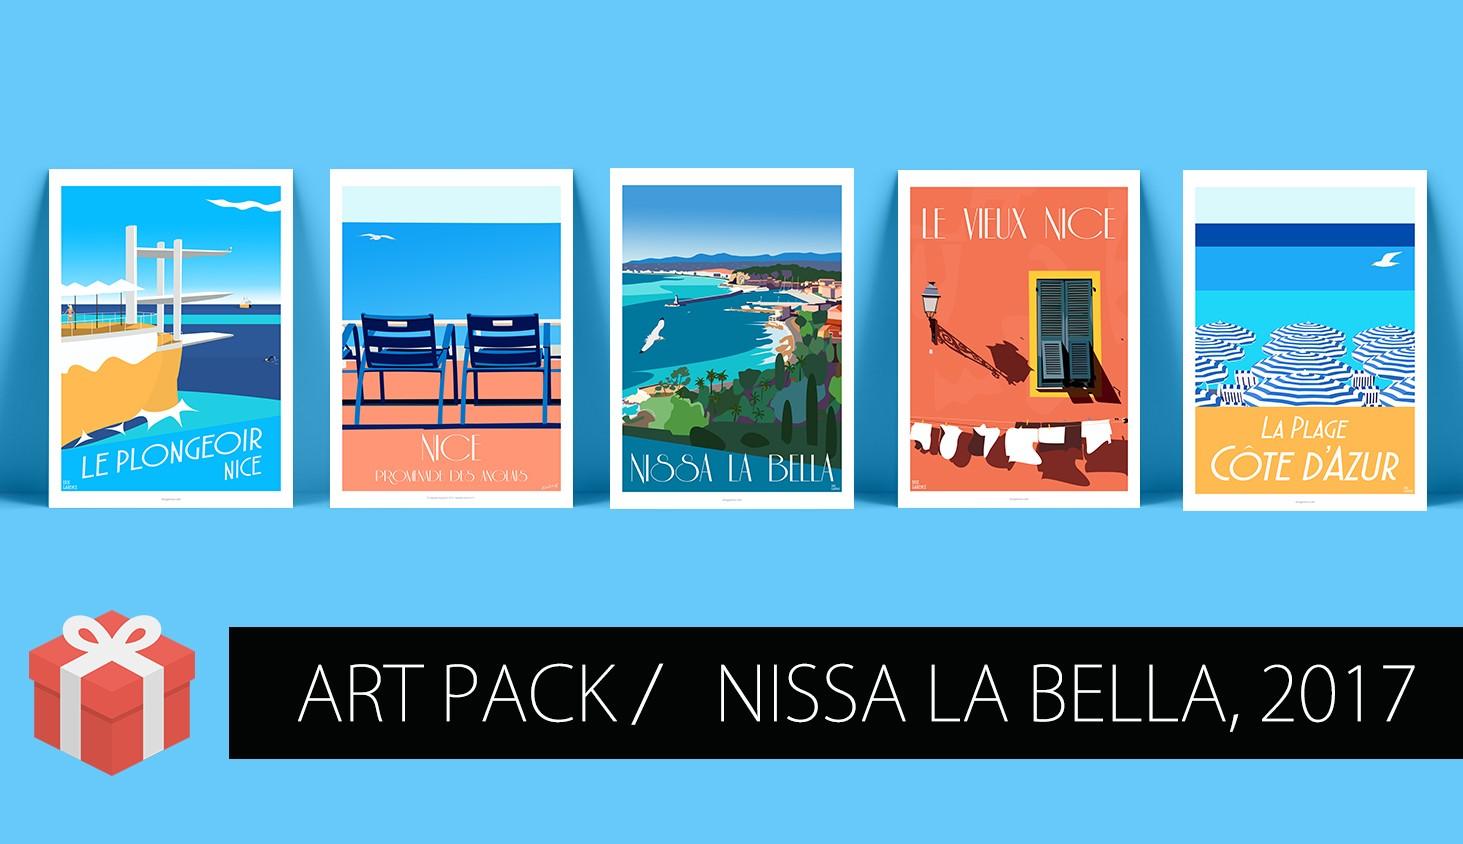 Art Pack Nissa La Bella